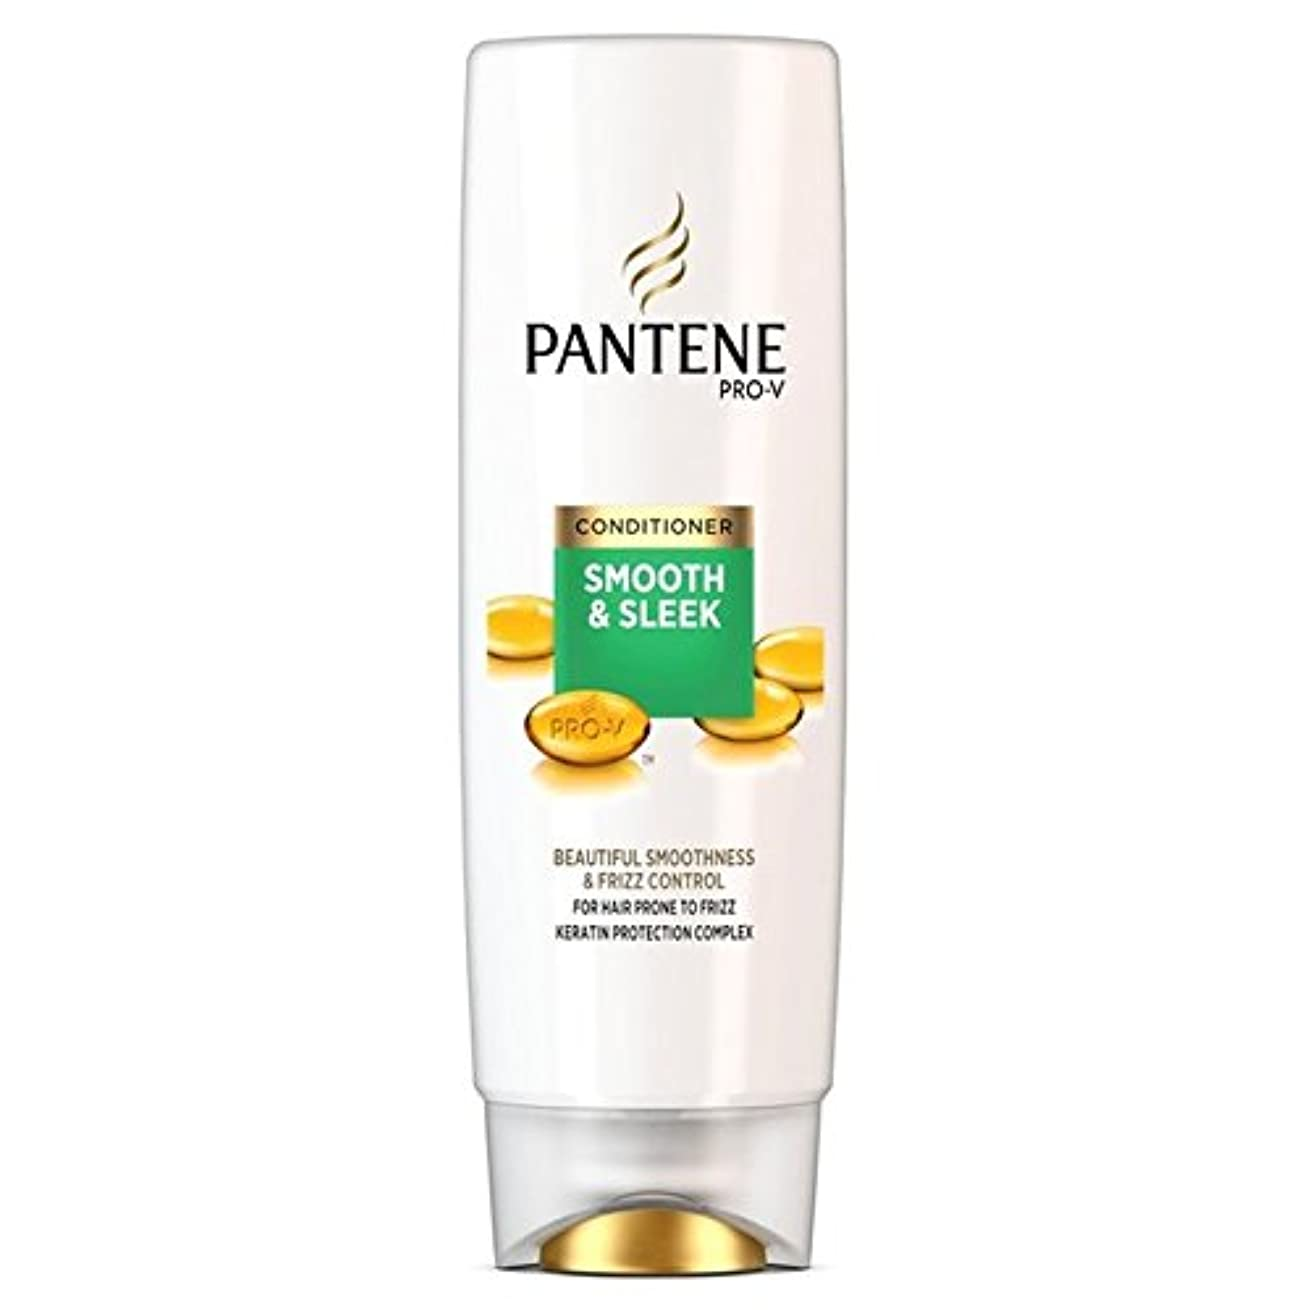 ホステルピカソ鮫パンテーンコンディショナースムーズ&縮れ250ミリリットルを受けやすい髪になめらかな x2 - Pantene Conditioner Smooth & Sleek For Hair Prone to Frizz 250ml...